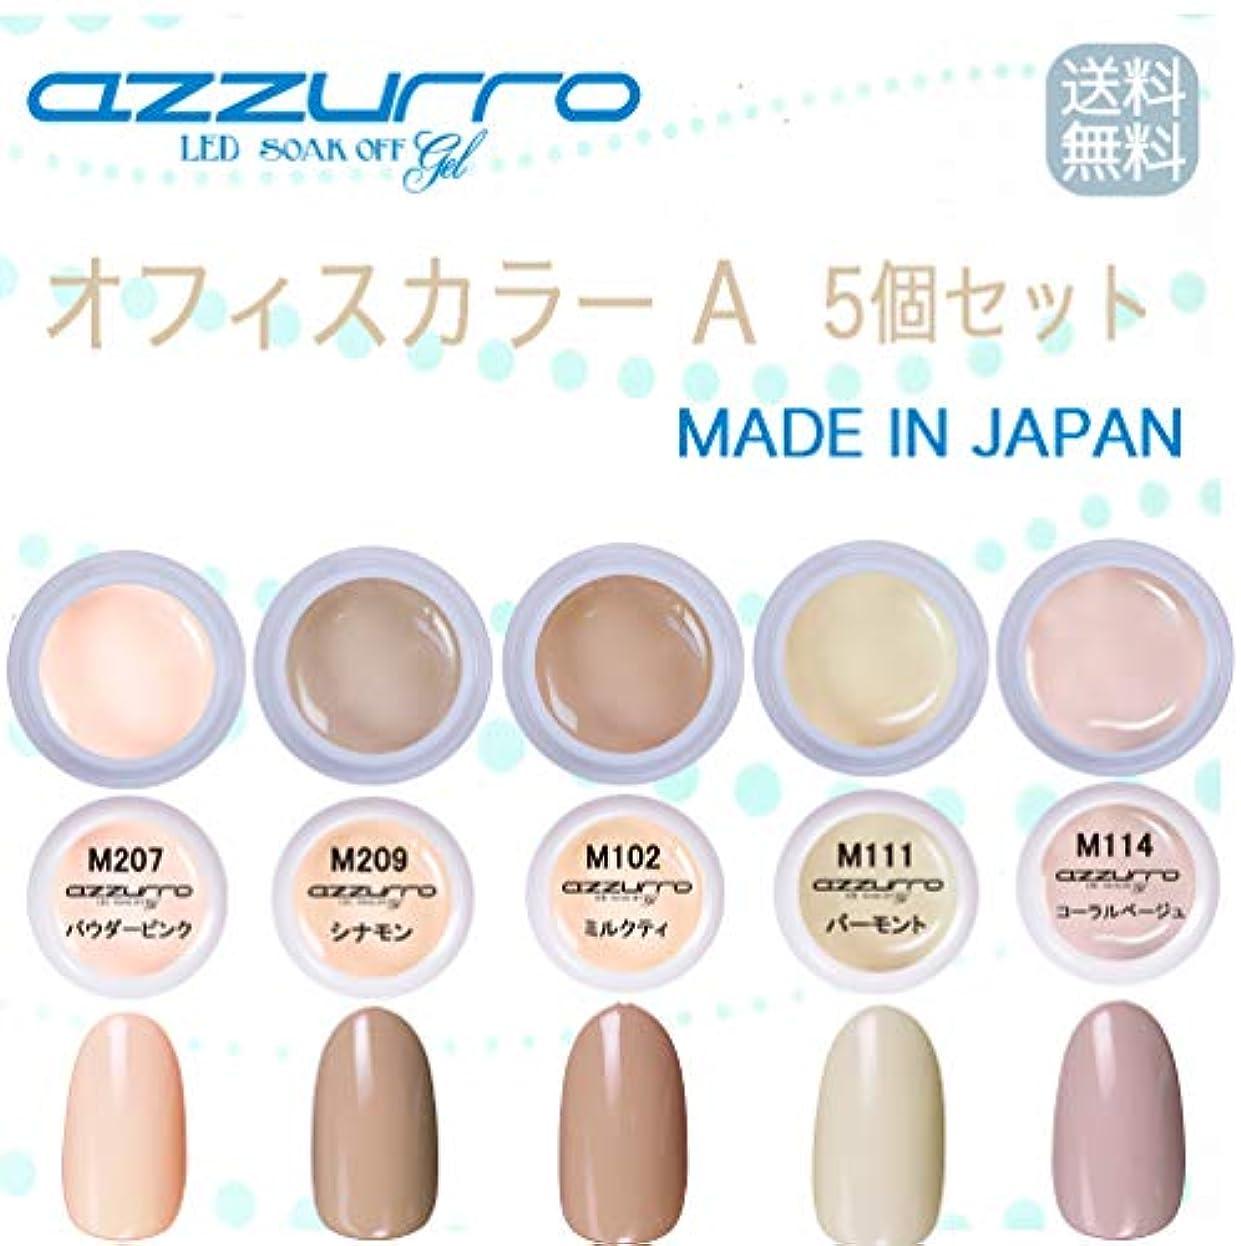 トレーニング戦略バック【送料無料】日本製 azzurro gel オフィスカラージェルA5個セット オフィスでも人気のカラーをセット